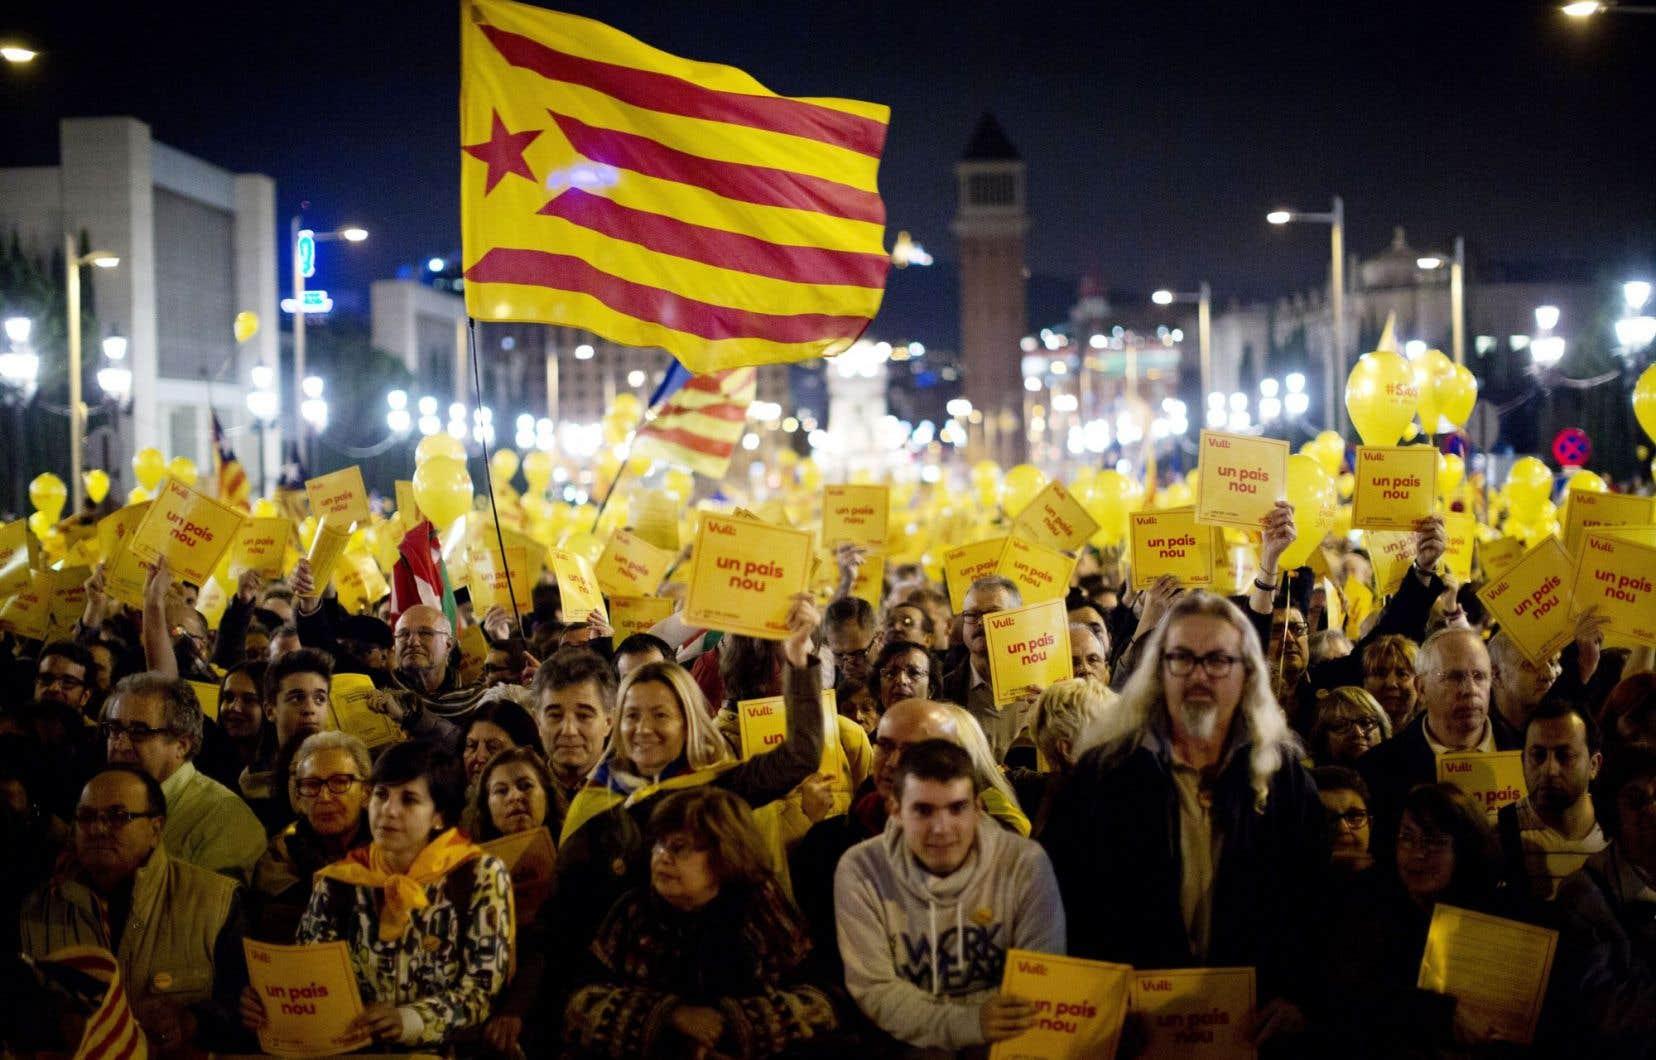 Des milliers de Catalans favorables à l'indépendance de la Catalogne sont descendus dans les rues de Barcelone vendredi soir.